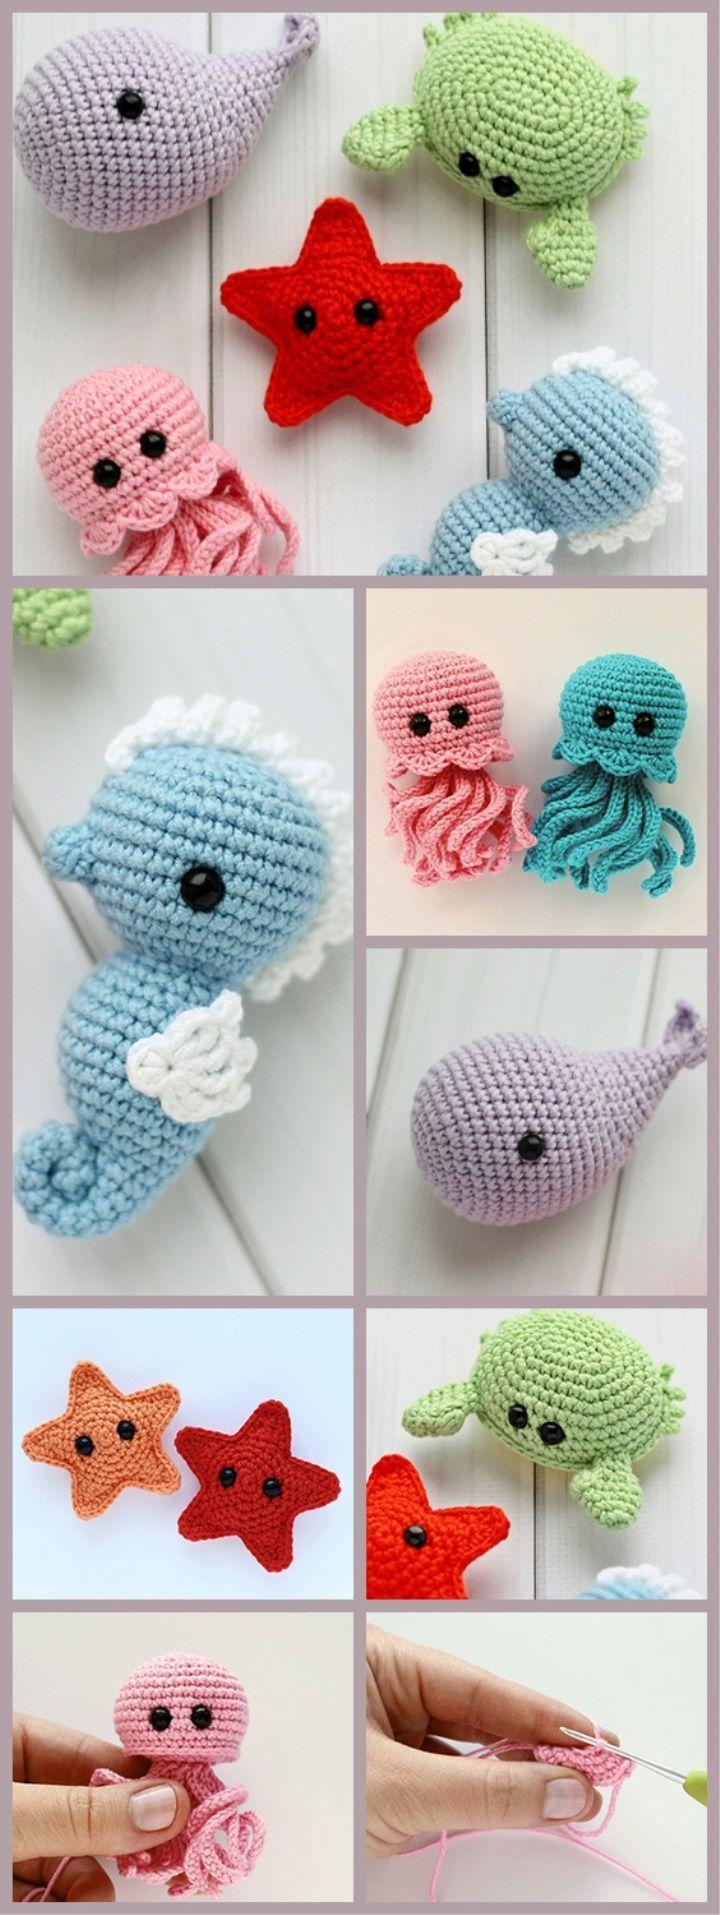 Häkeln Sie Schritt für Schritt Spielzeug #amigurumi #crochettoys #handmade #tutorial #diy #croch   – Gestricktes Baby